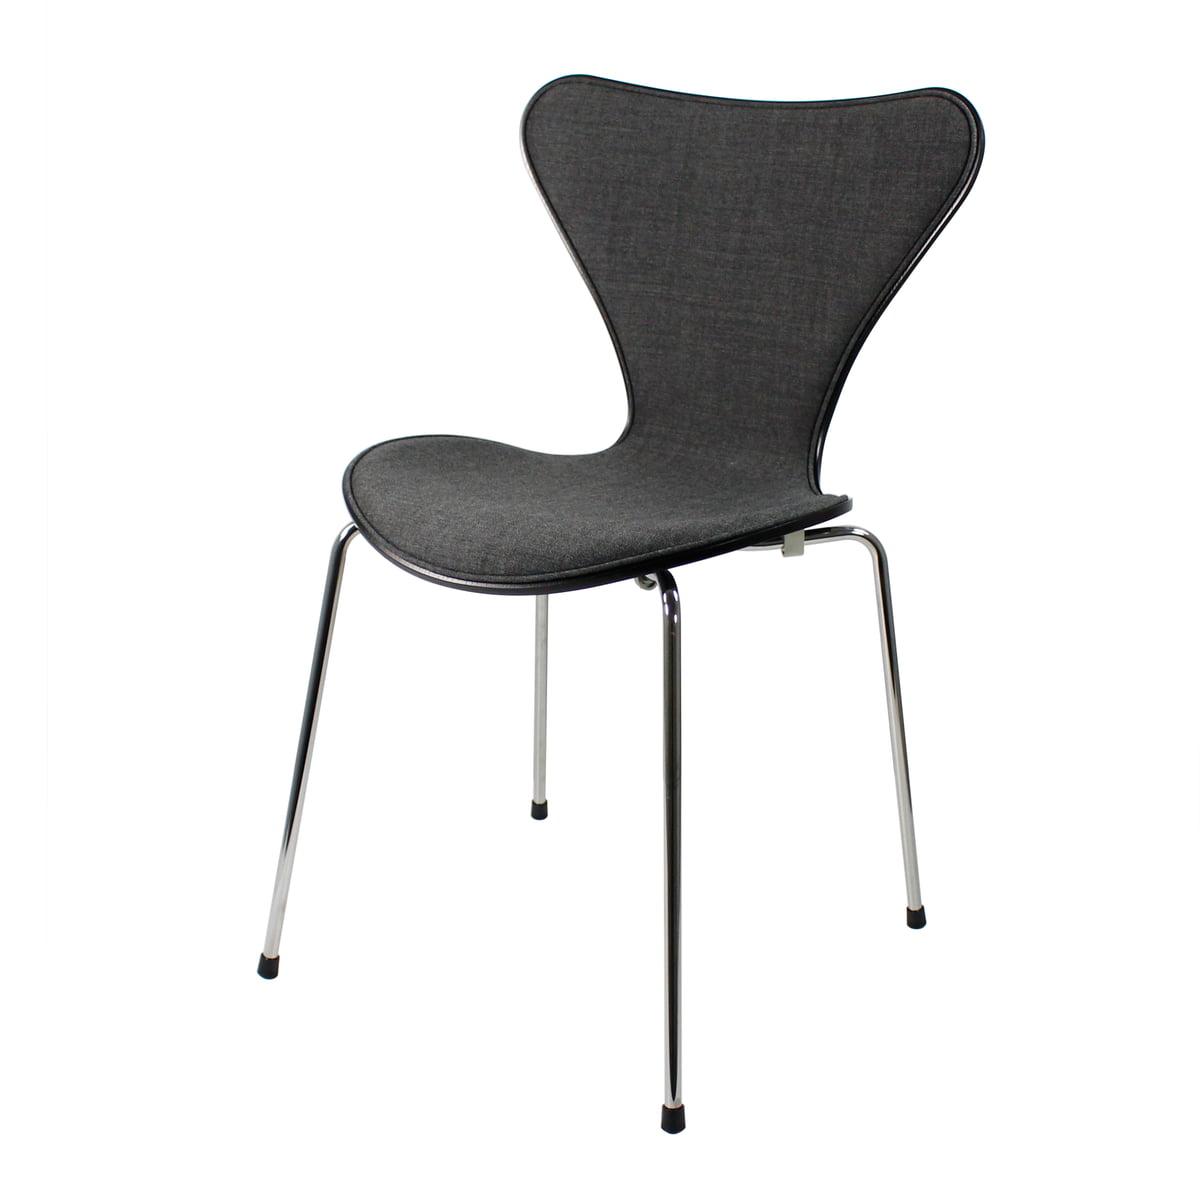 fritz hansen serie 7 stuhl frontpolster esche schwarz gef rbt verchromt 46 5 cm remix 163. Black Bedroom Furniture Sets. Home Design Ideas